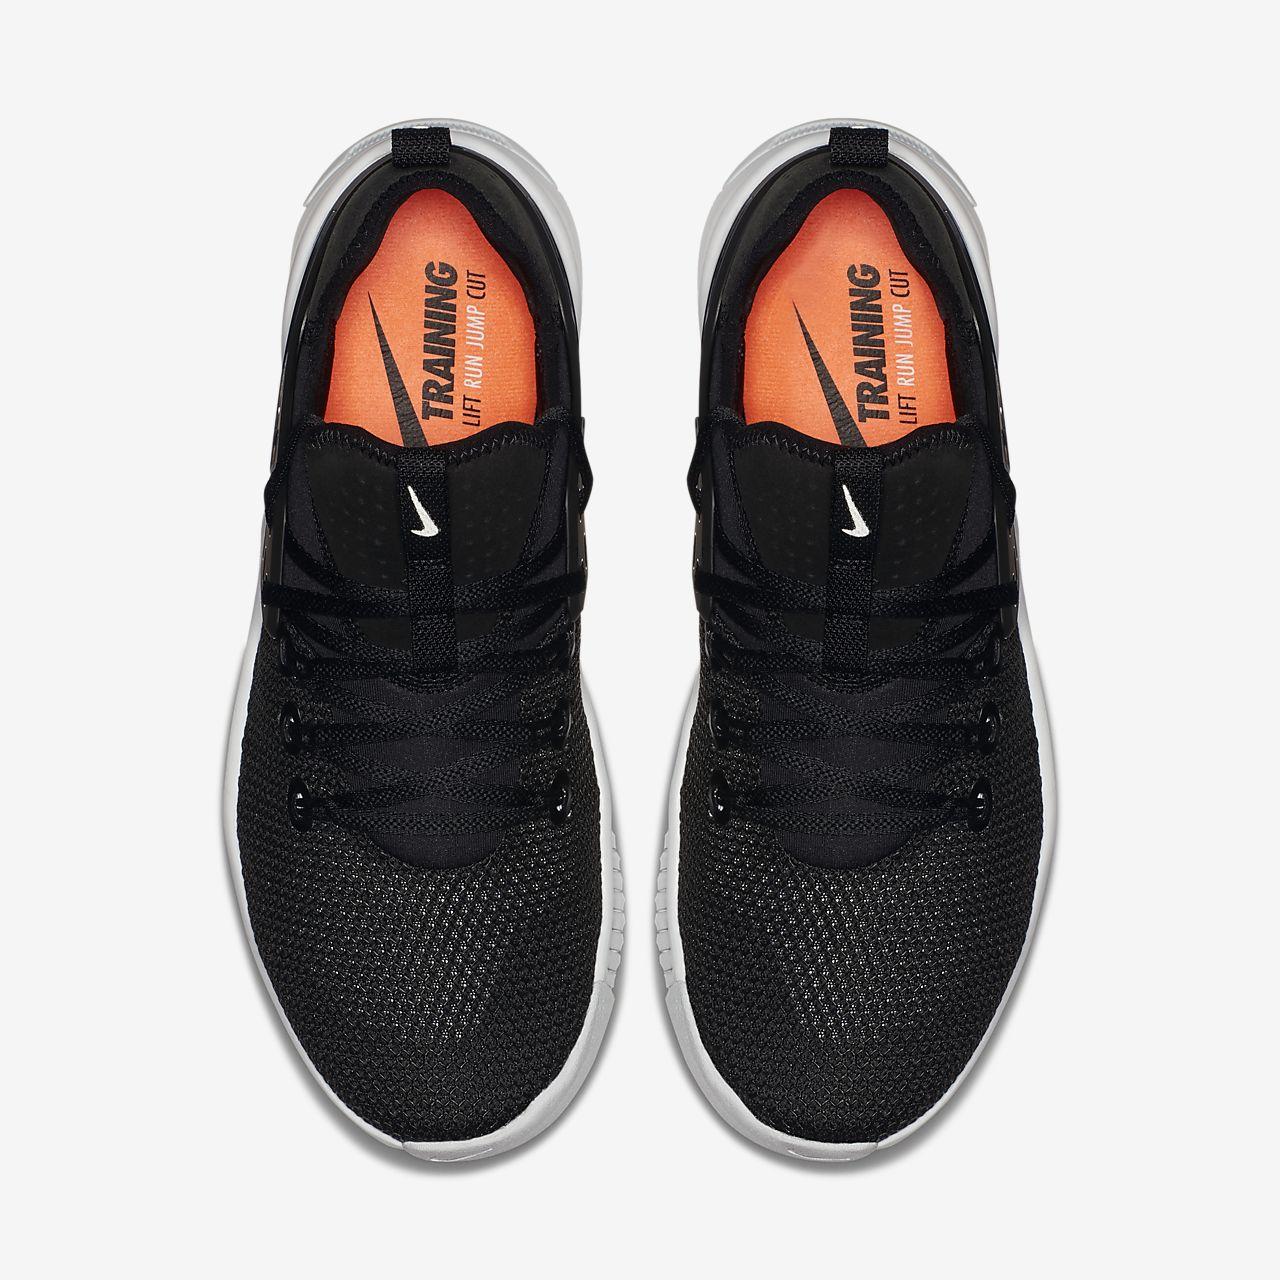 793ecddf8598c Nike Nike Free x Metcon Black White Men CrossFit Training Shoes Trainers  AH8141-001